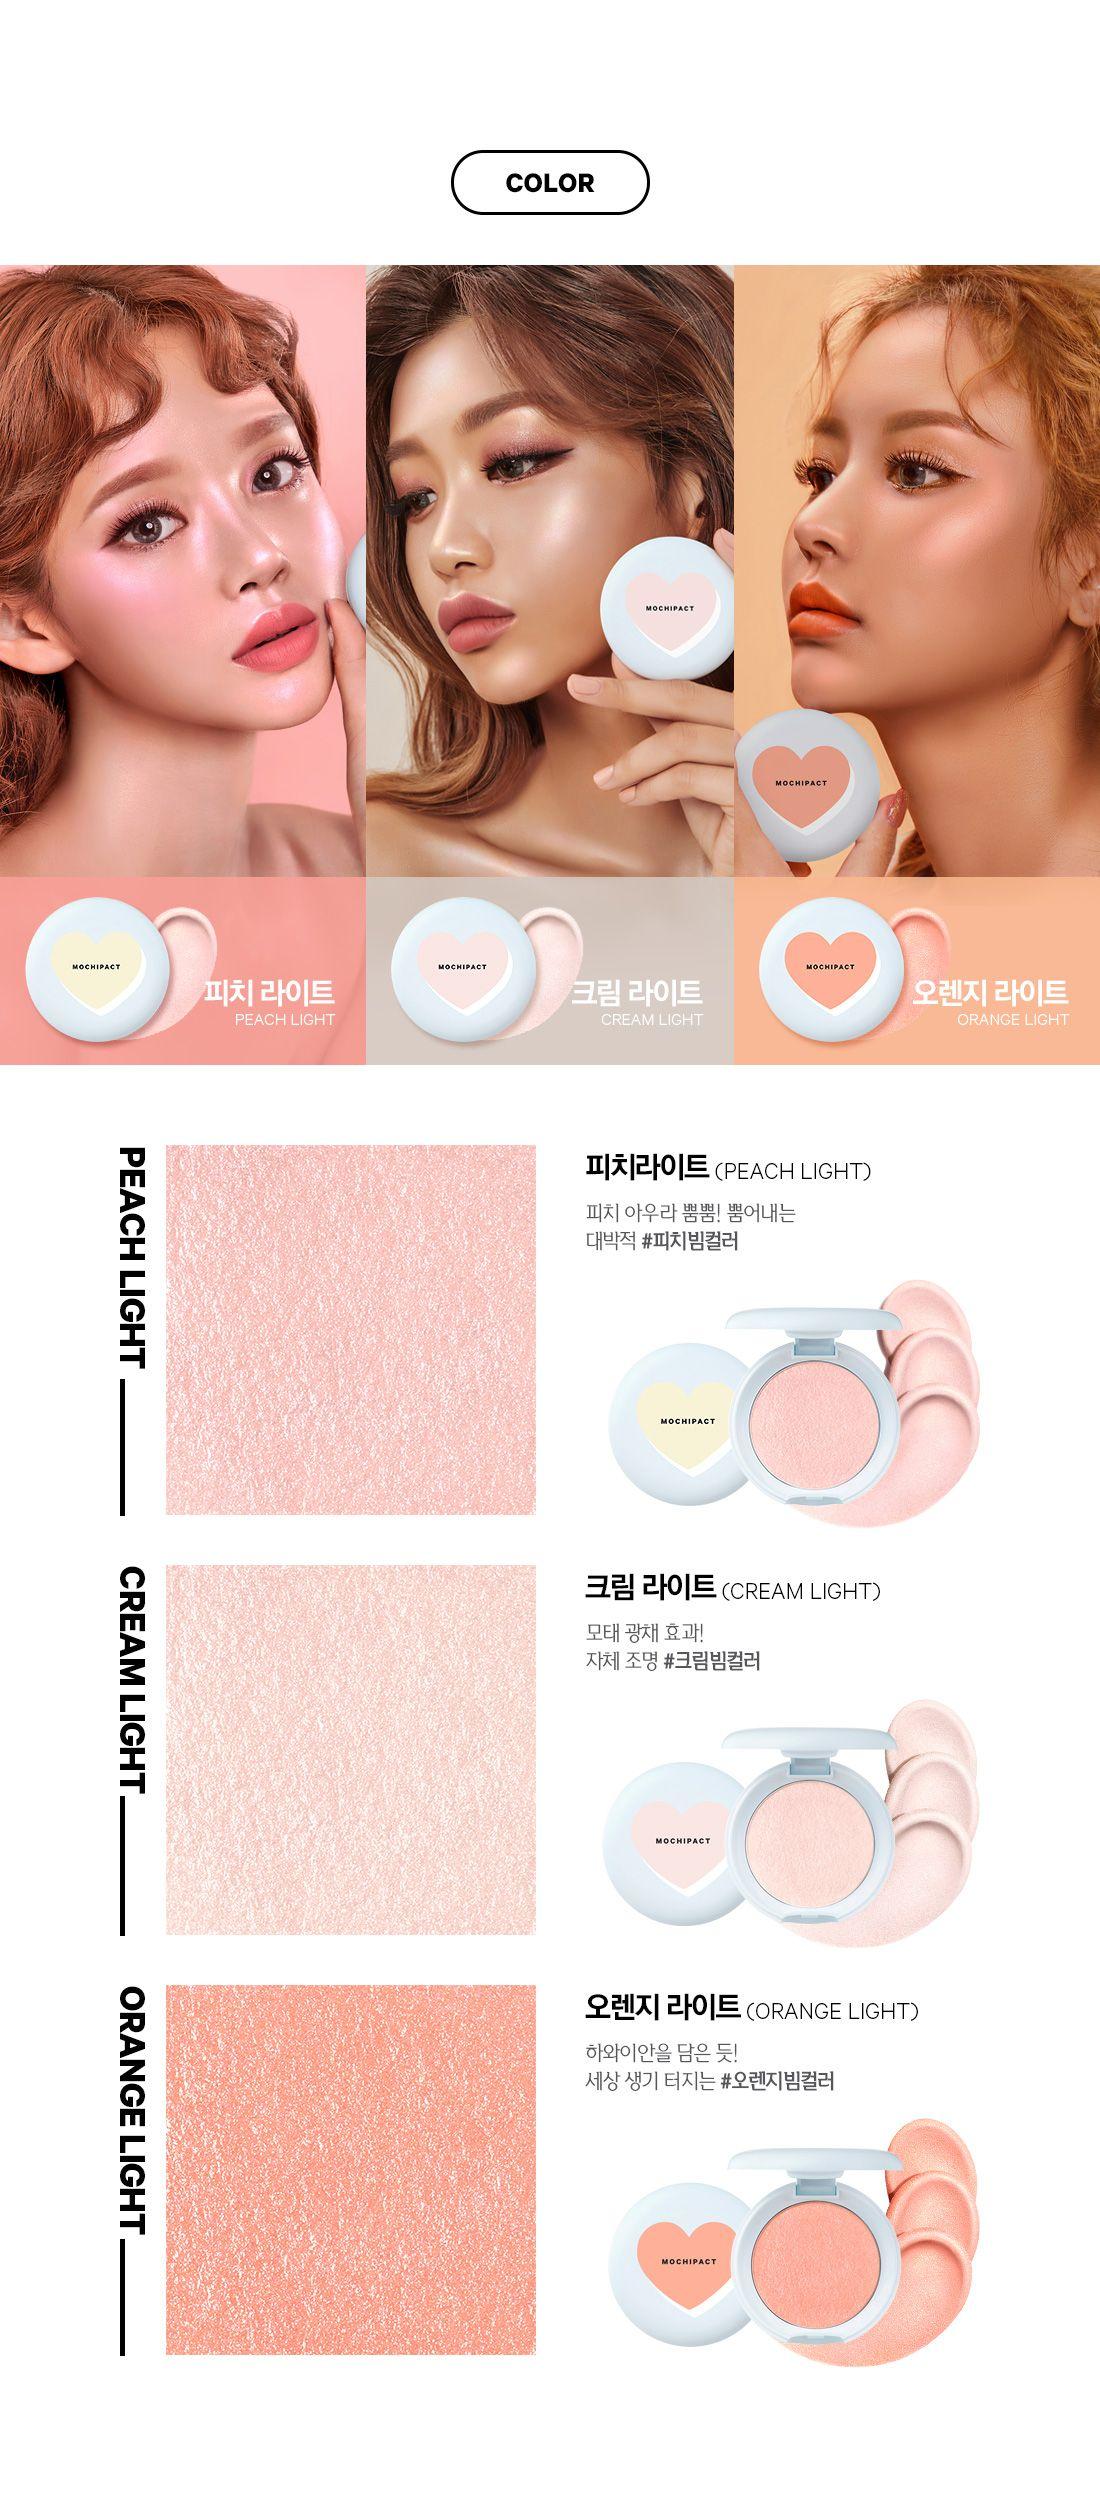 WishTrend Buy Korean cosmetics online, Korean Beauty